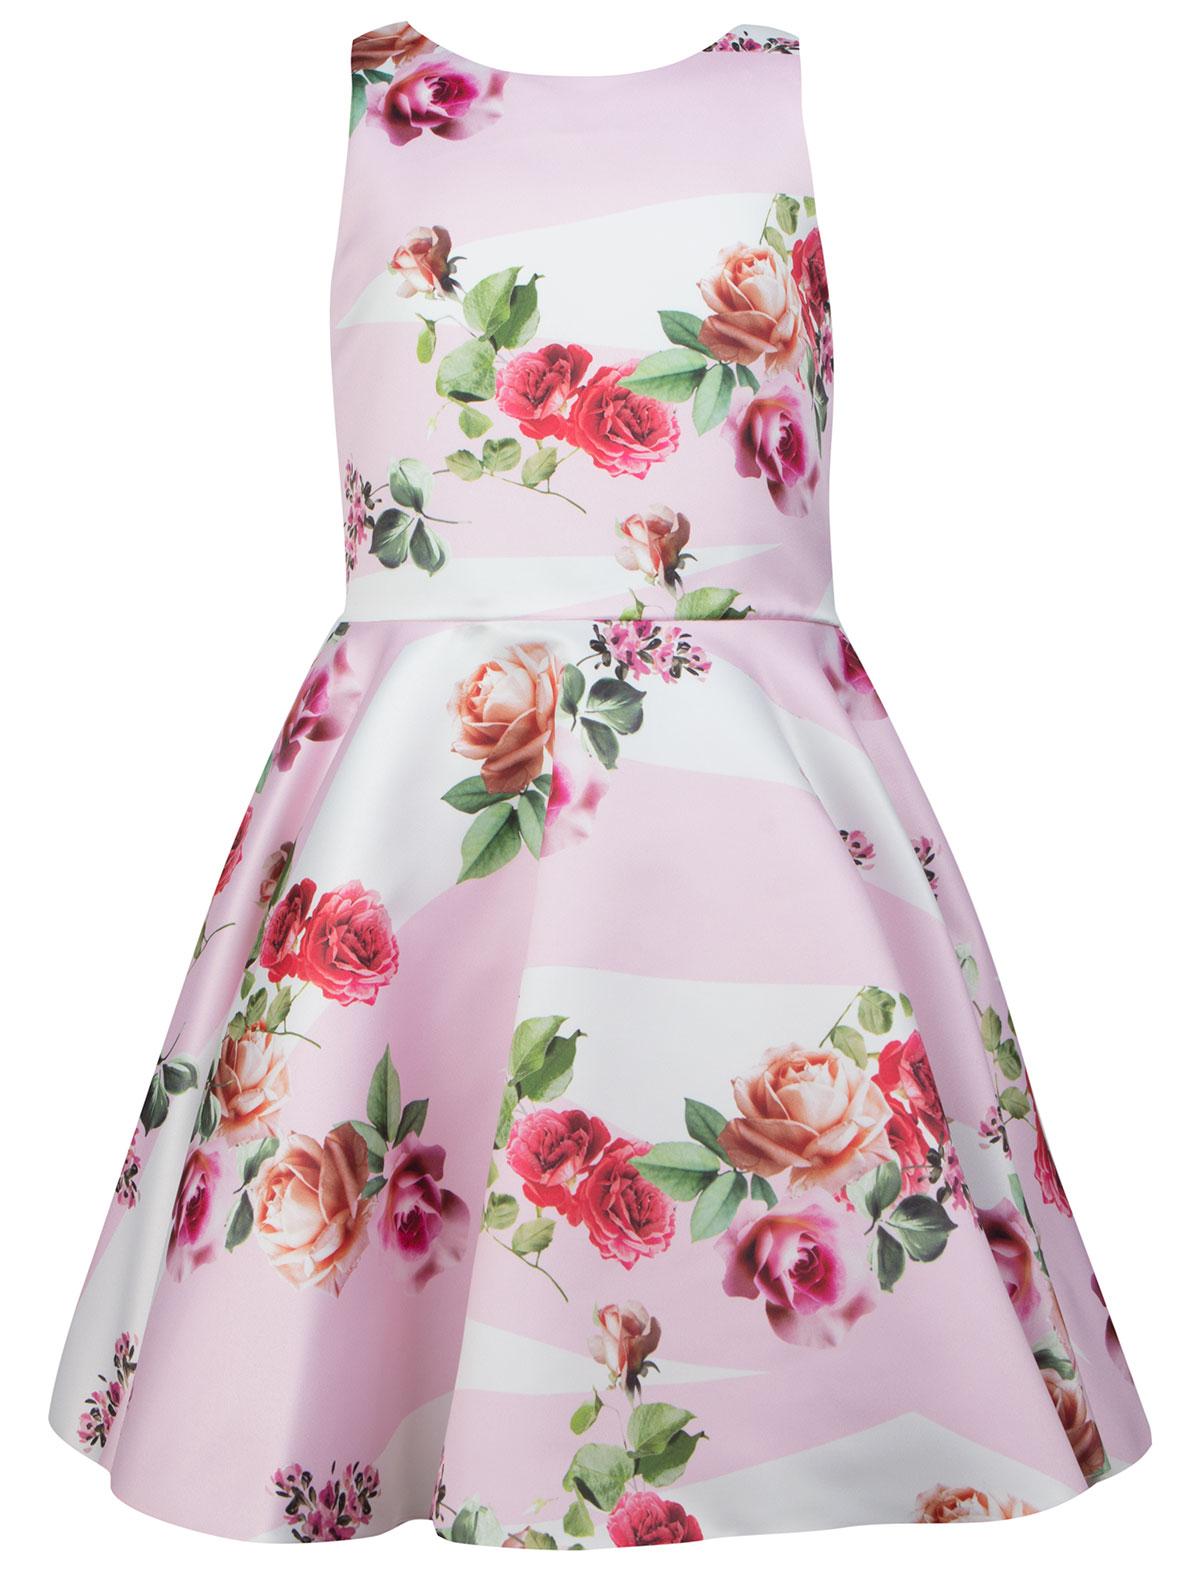 Купить 1871902, Платье David Charles, розовый, Женский, 1053909670088